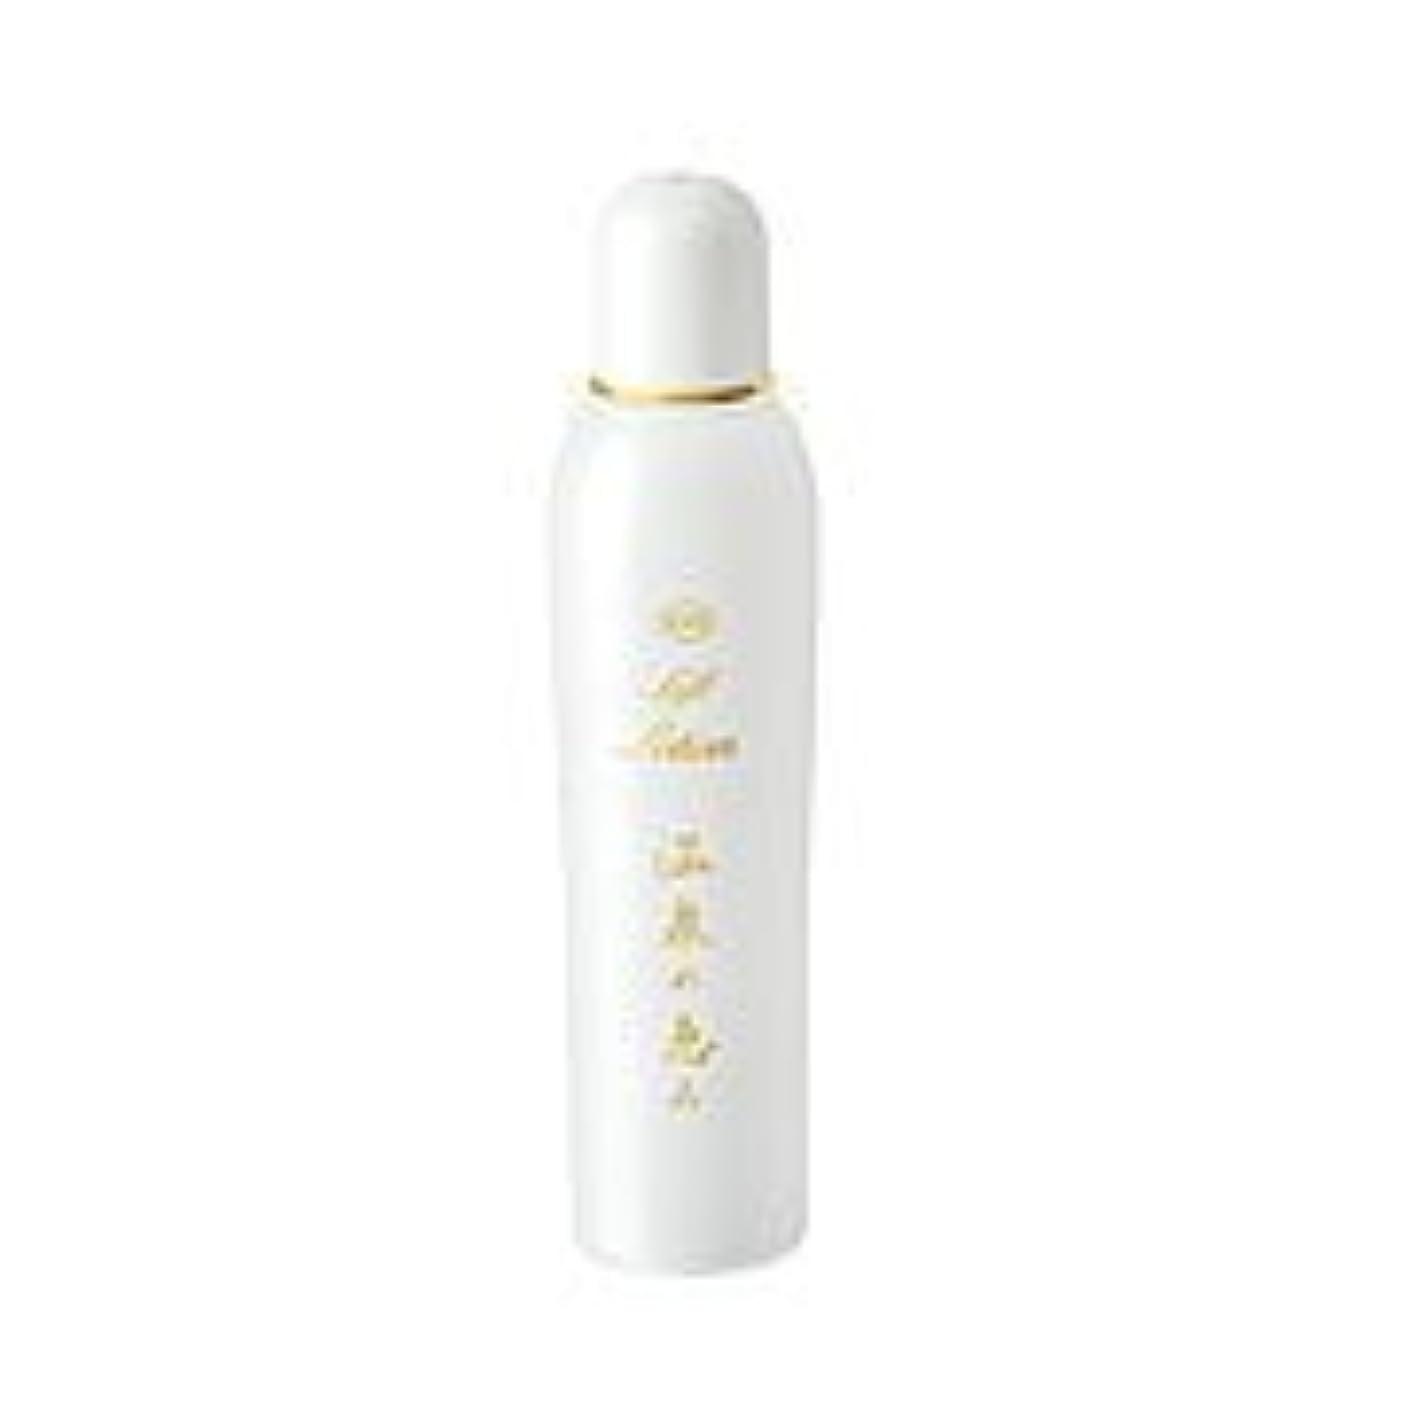 叙情的な連想プロテスタントイオン化粧品 ソフトローション 温泉の恵み 135ml